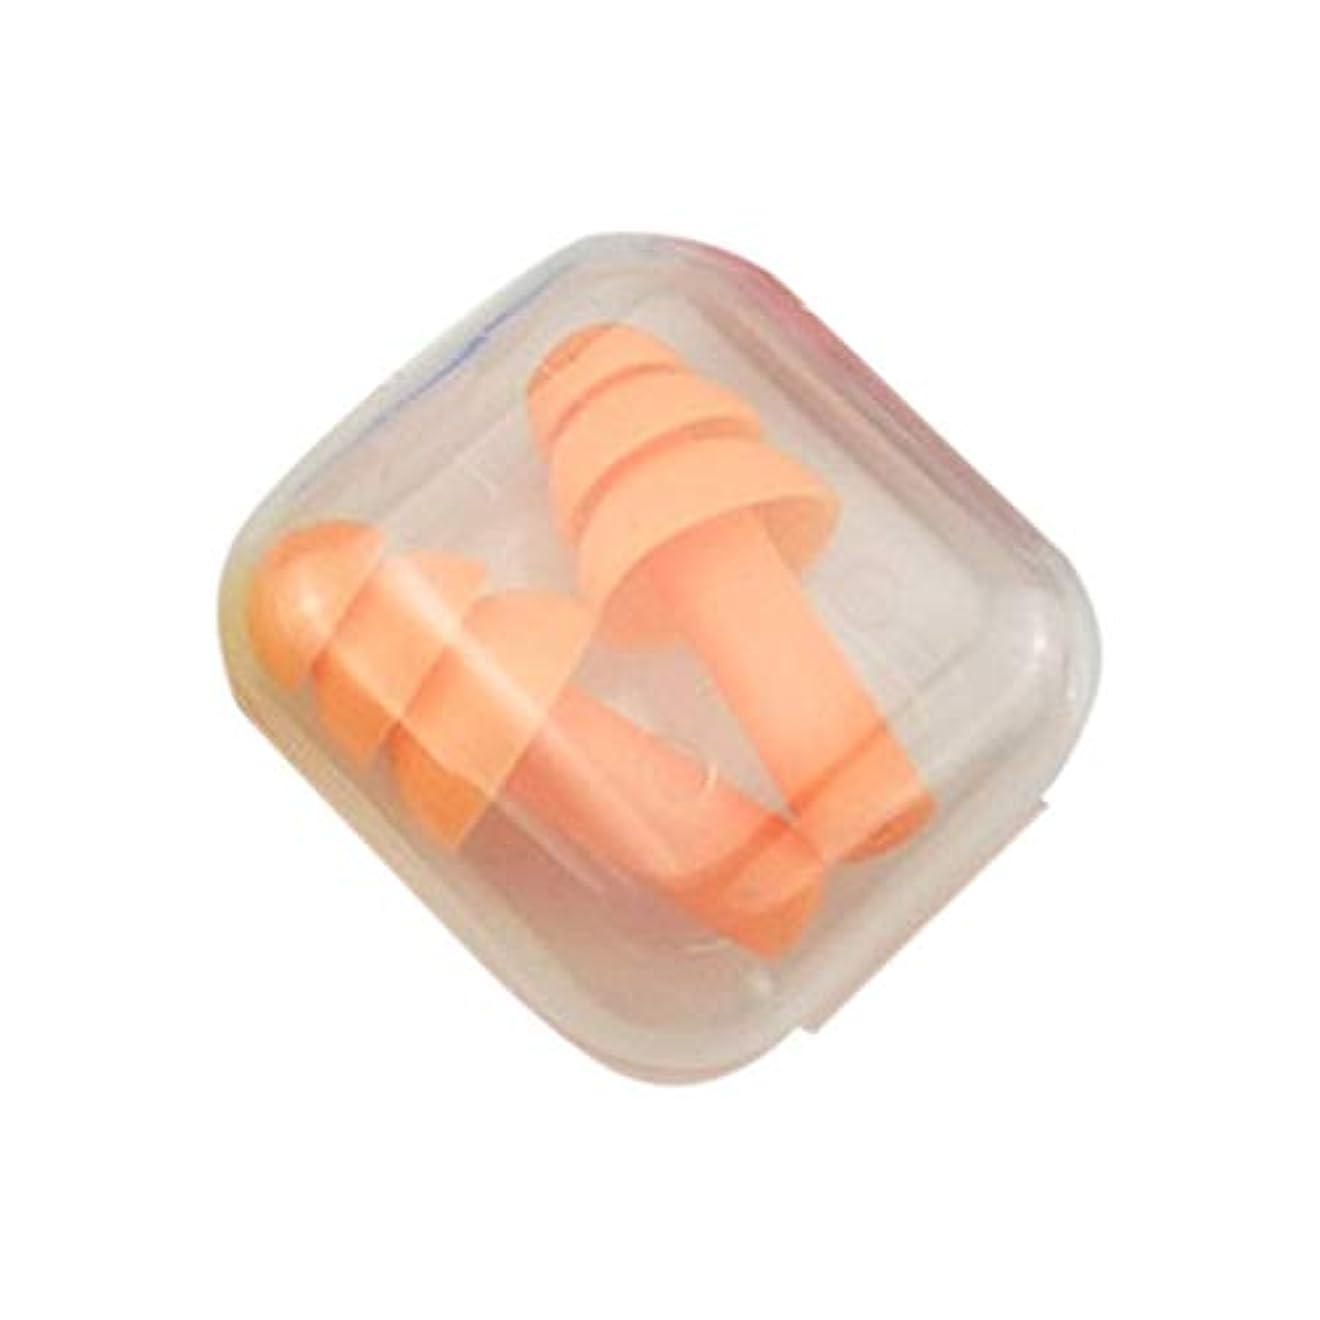 最もメンテナンスプランター柔らかいシリコーンの耳栓遮音用耳の保護用の耳栓防音睡眠ボックス付き収納ボックス - オレンジ